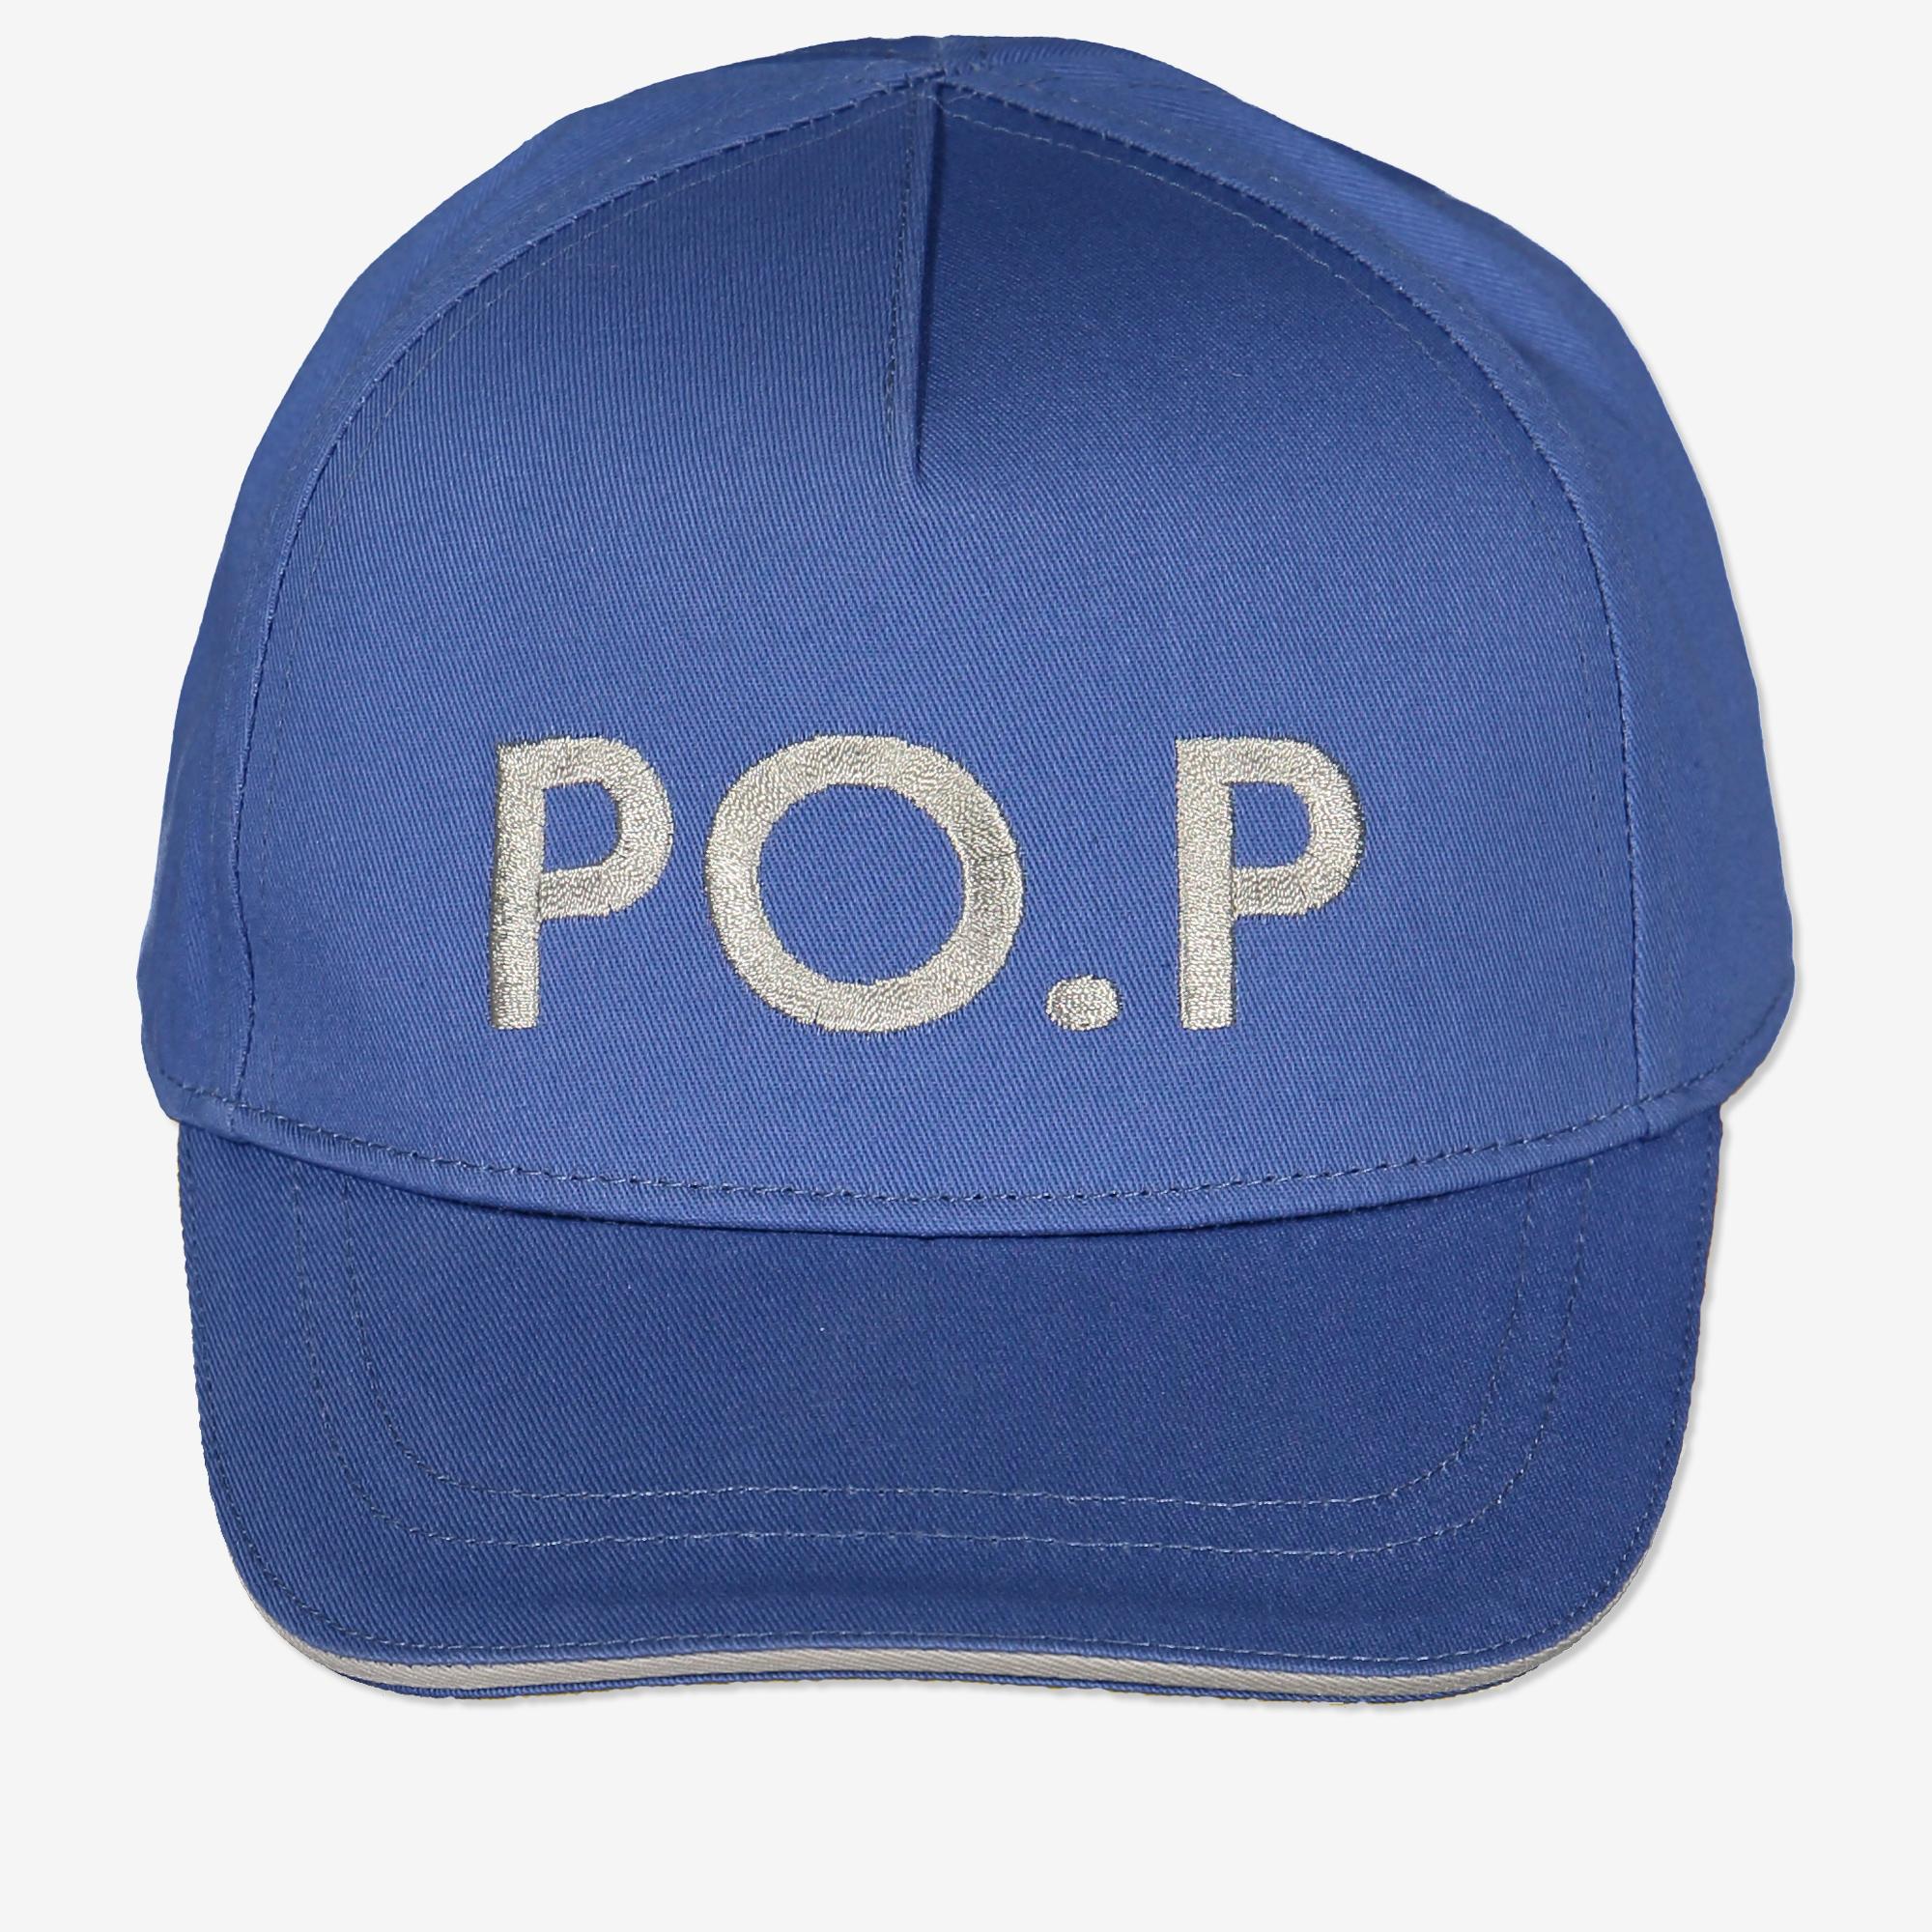 Lippalakki po.p kirjailulla sininen sininen  68a4d16dd4